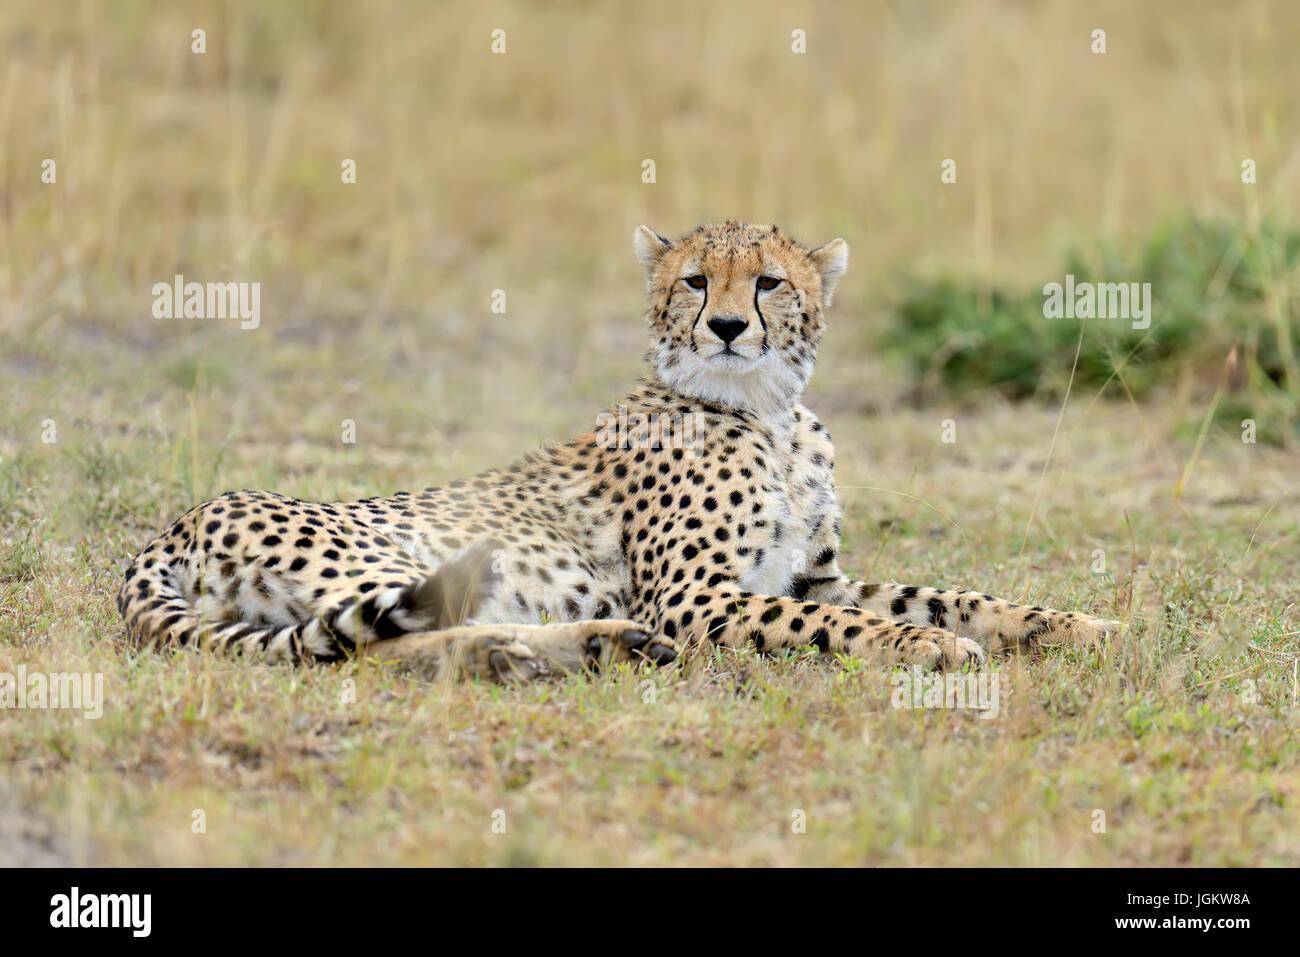 Wild african cheetah, beautiful mammal animal. Africa, Kenya - Stock Image